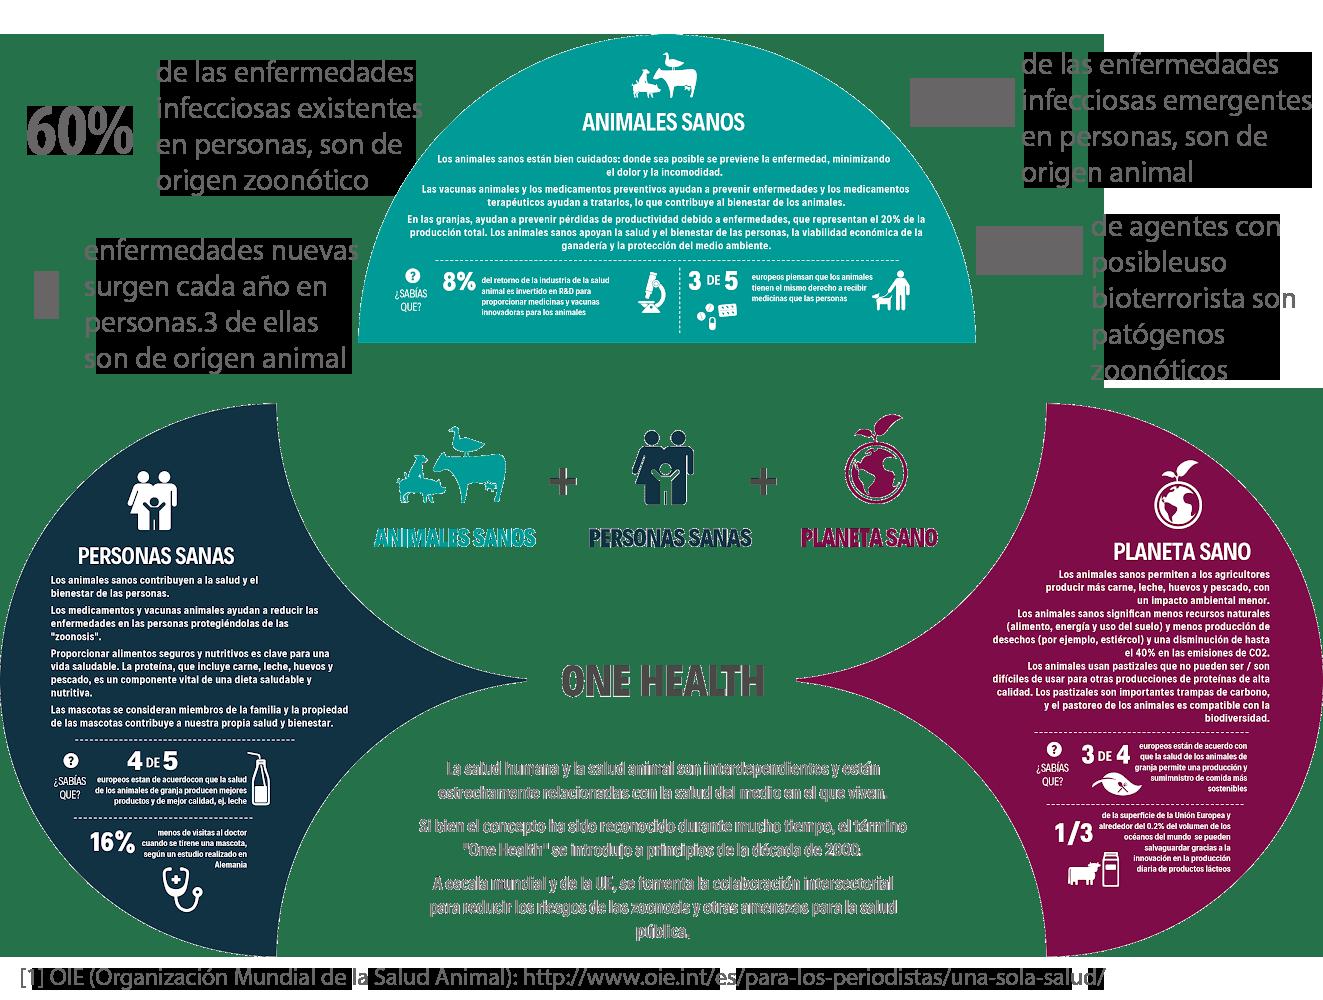 infografia-zoonosis